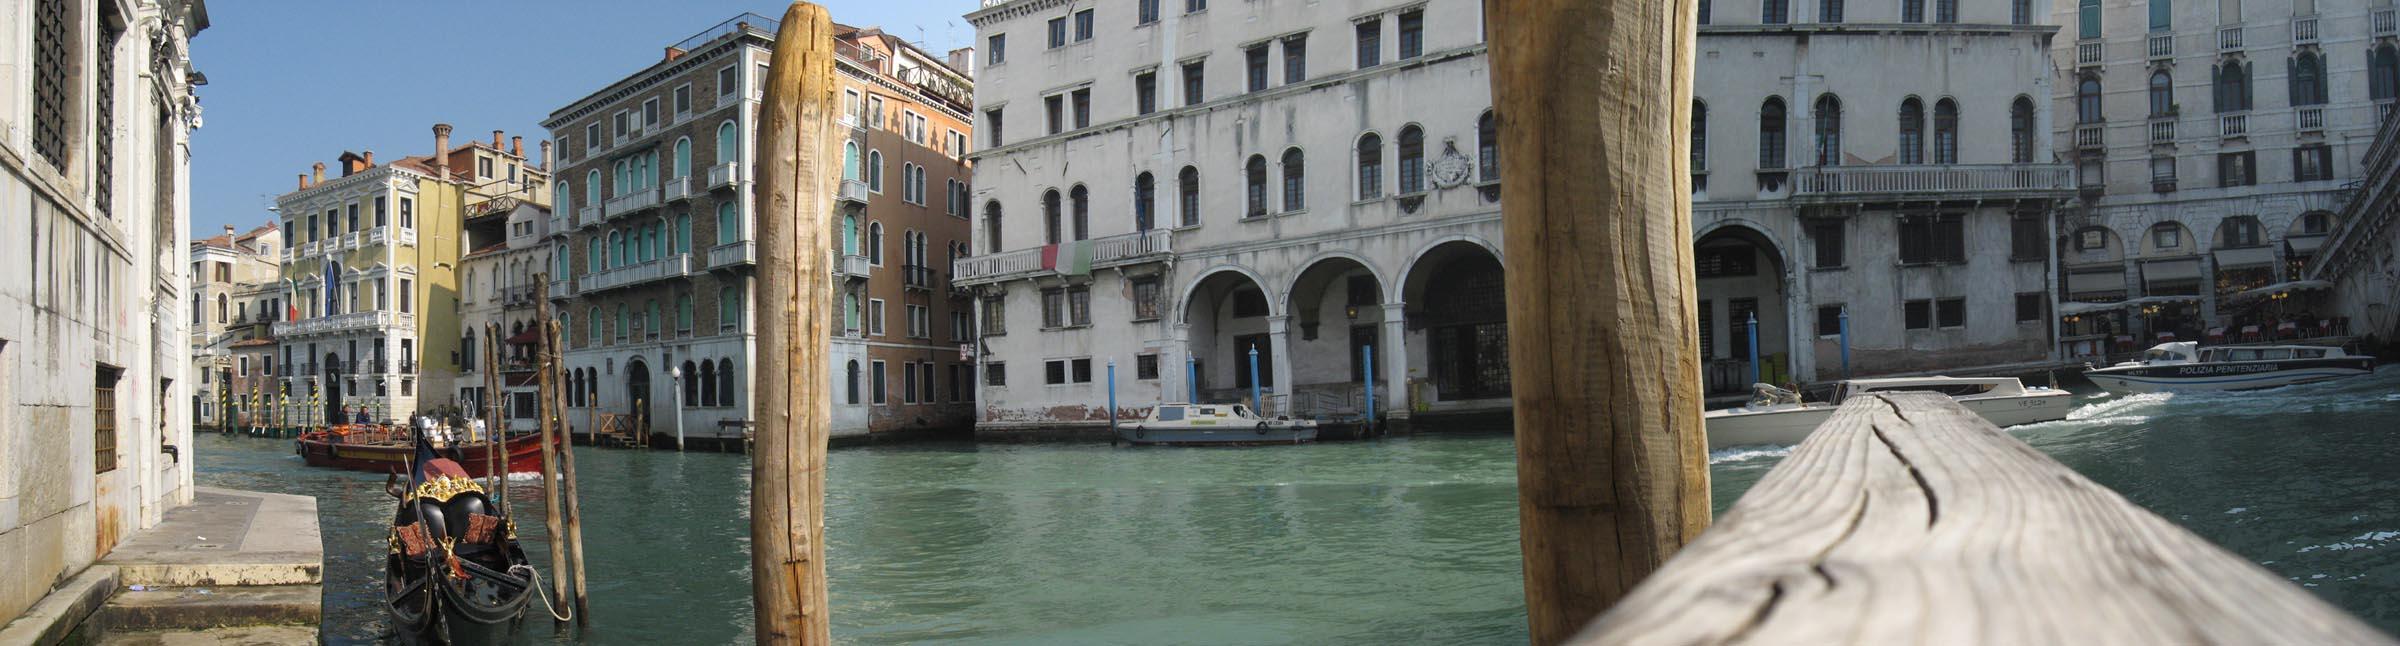 Venise341